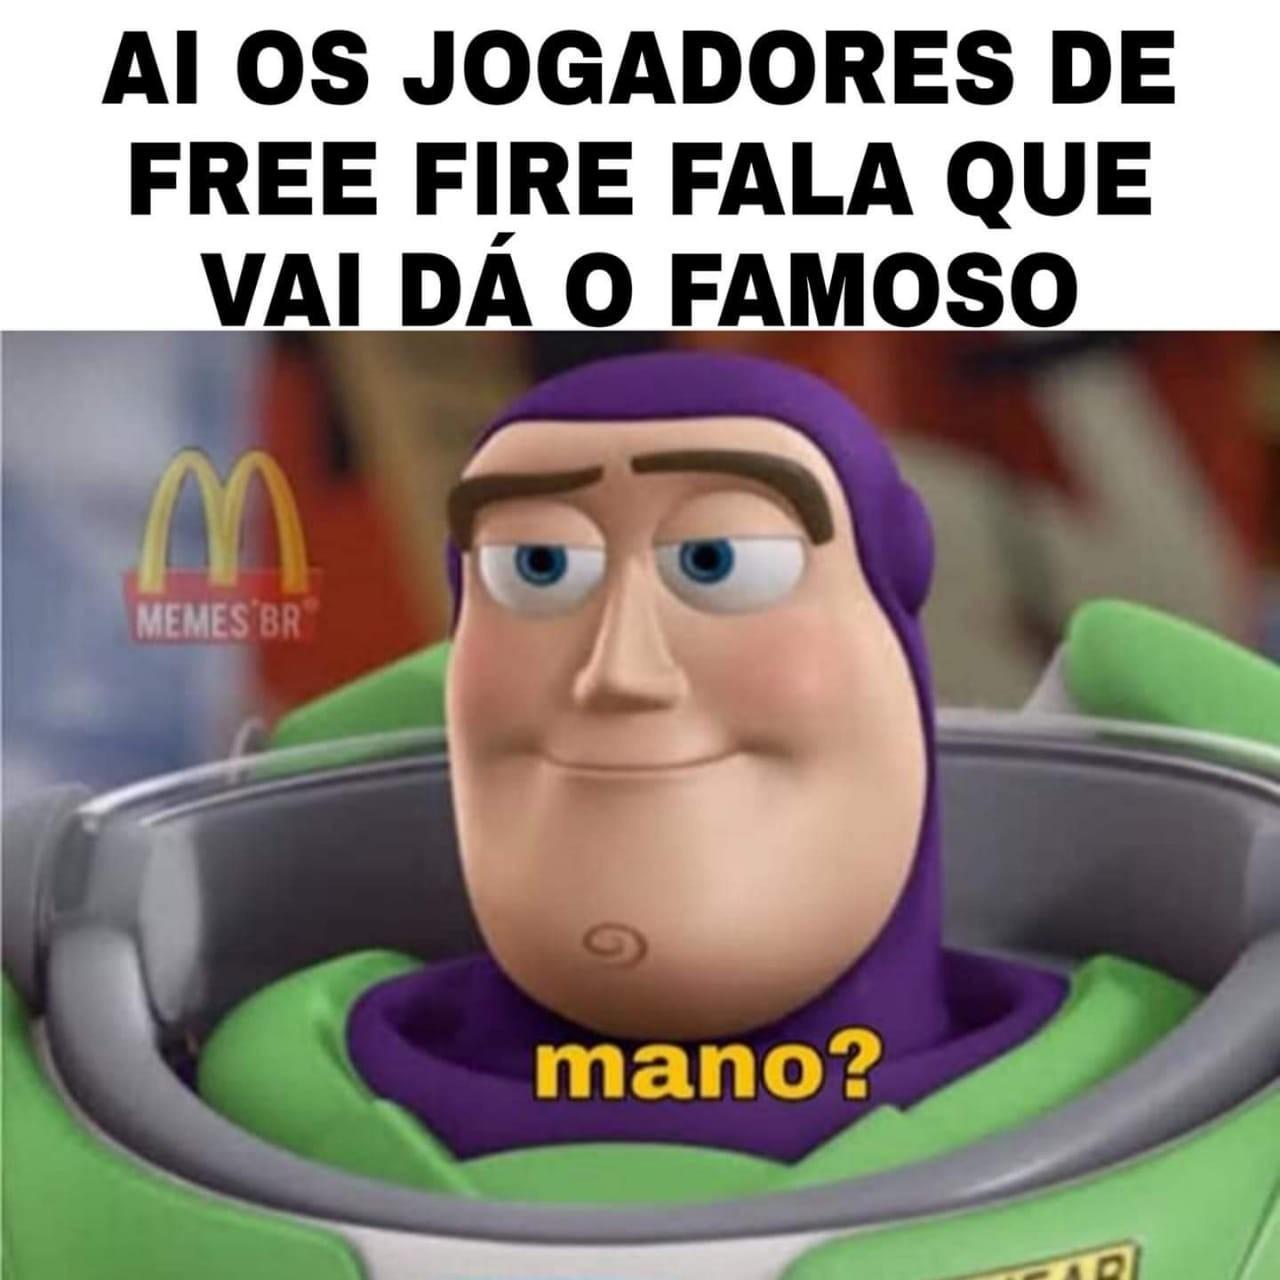 Mano? - meme